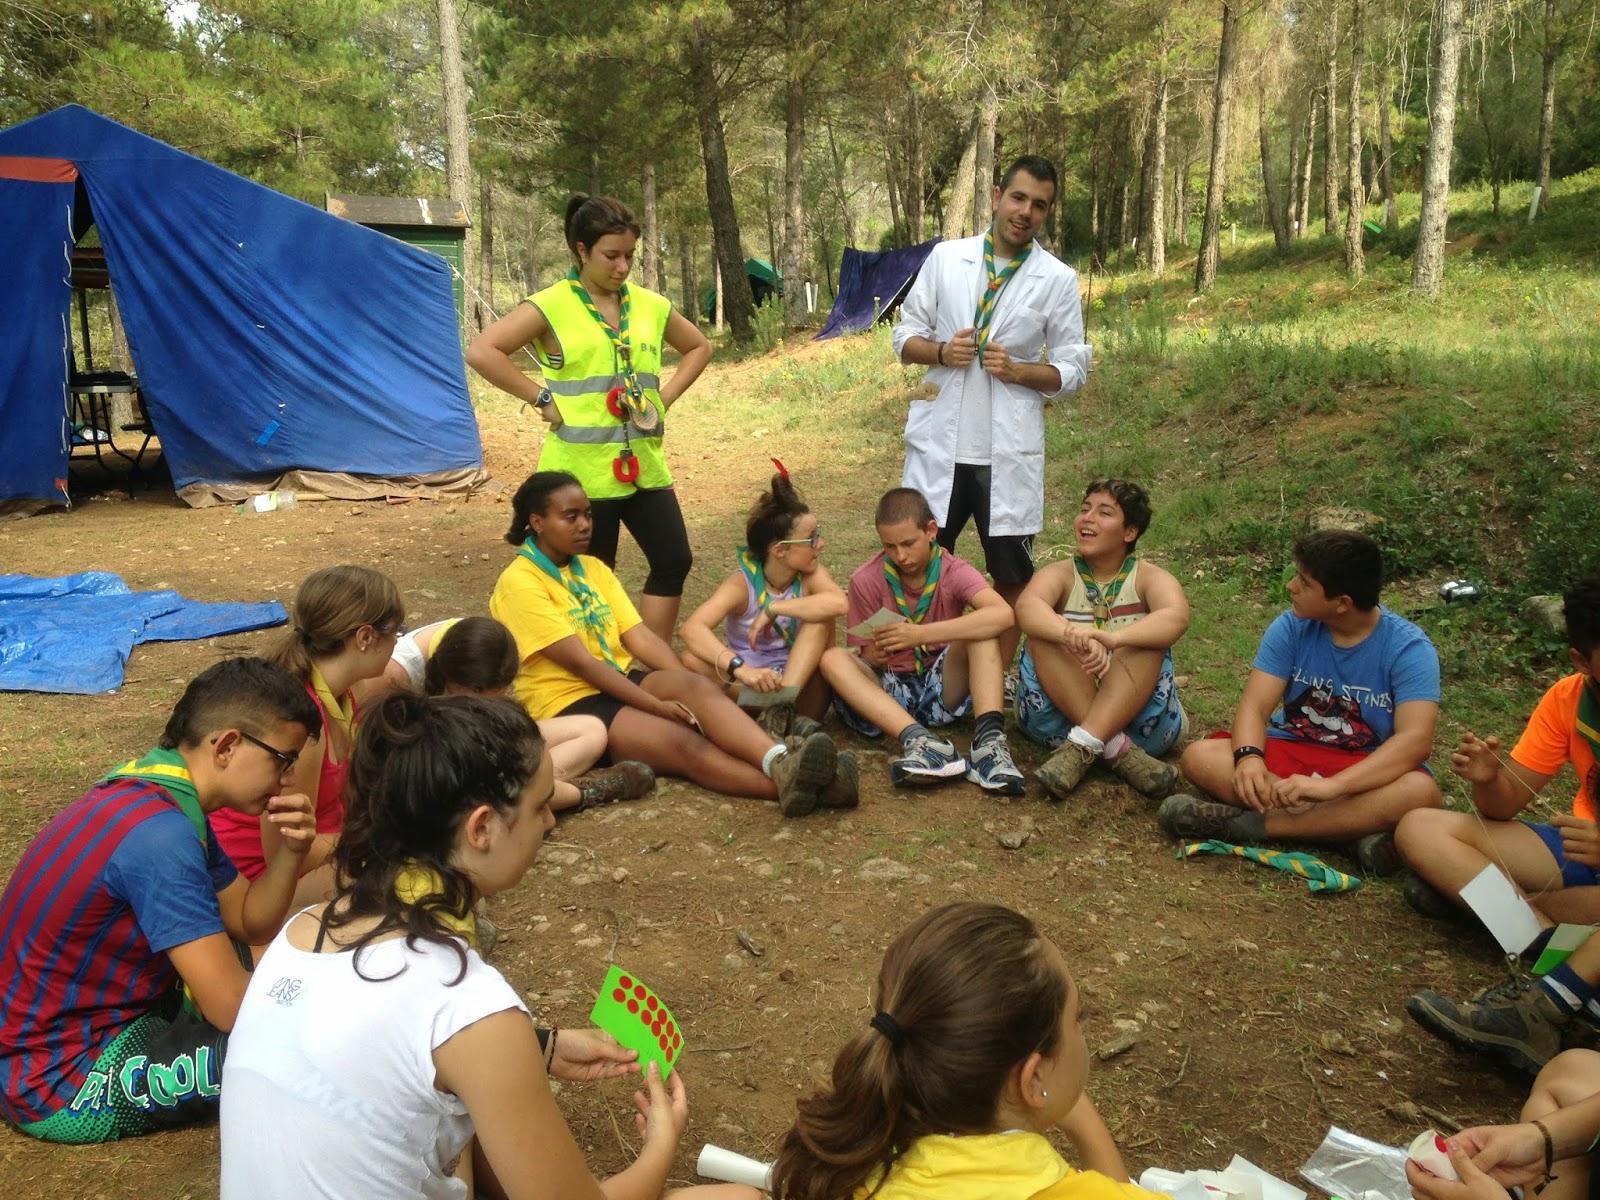 Campaments Estiu Cabanelles 2014 - IMG_9843.JPG